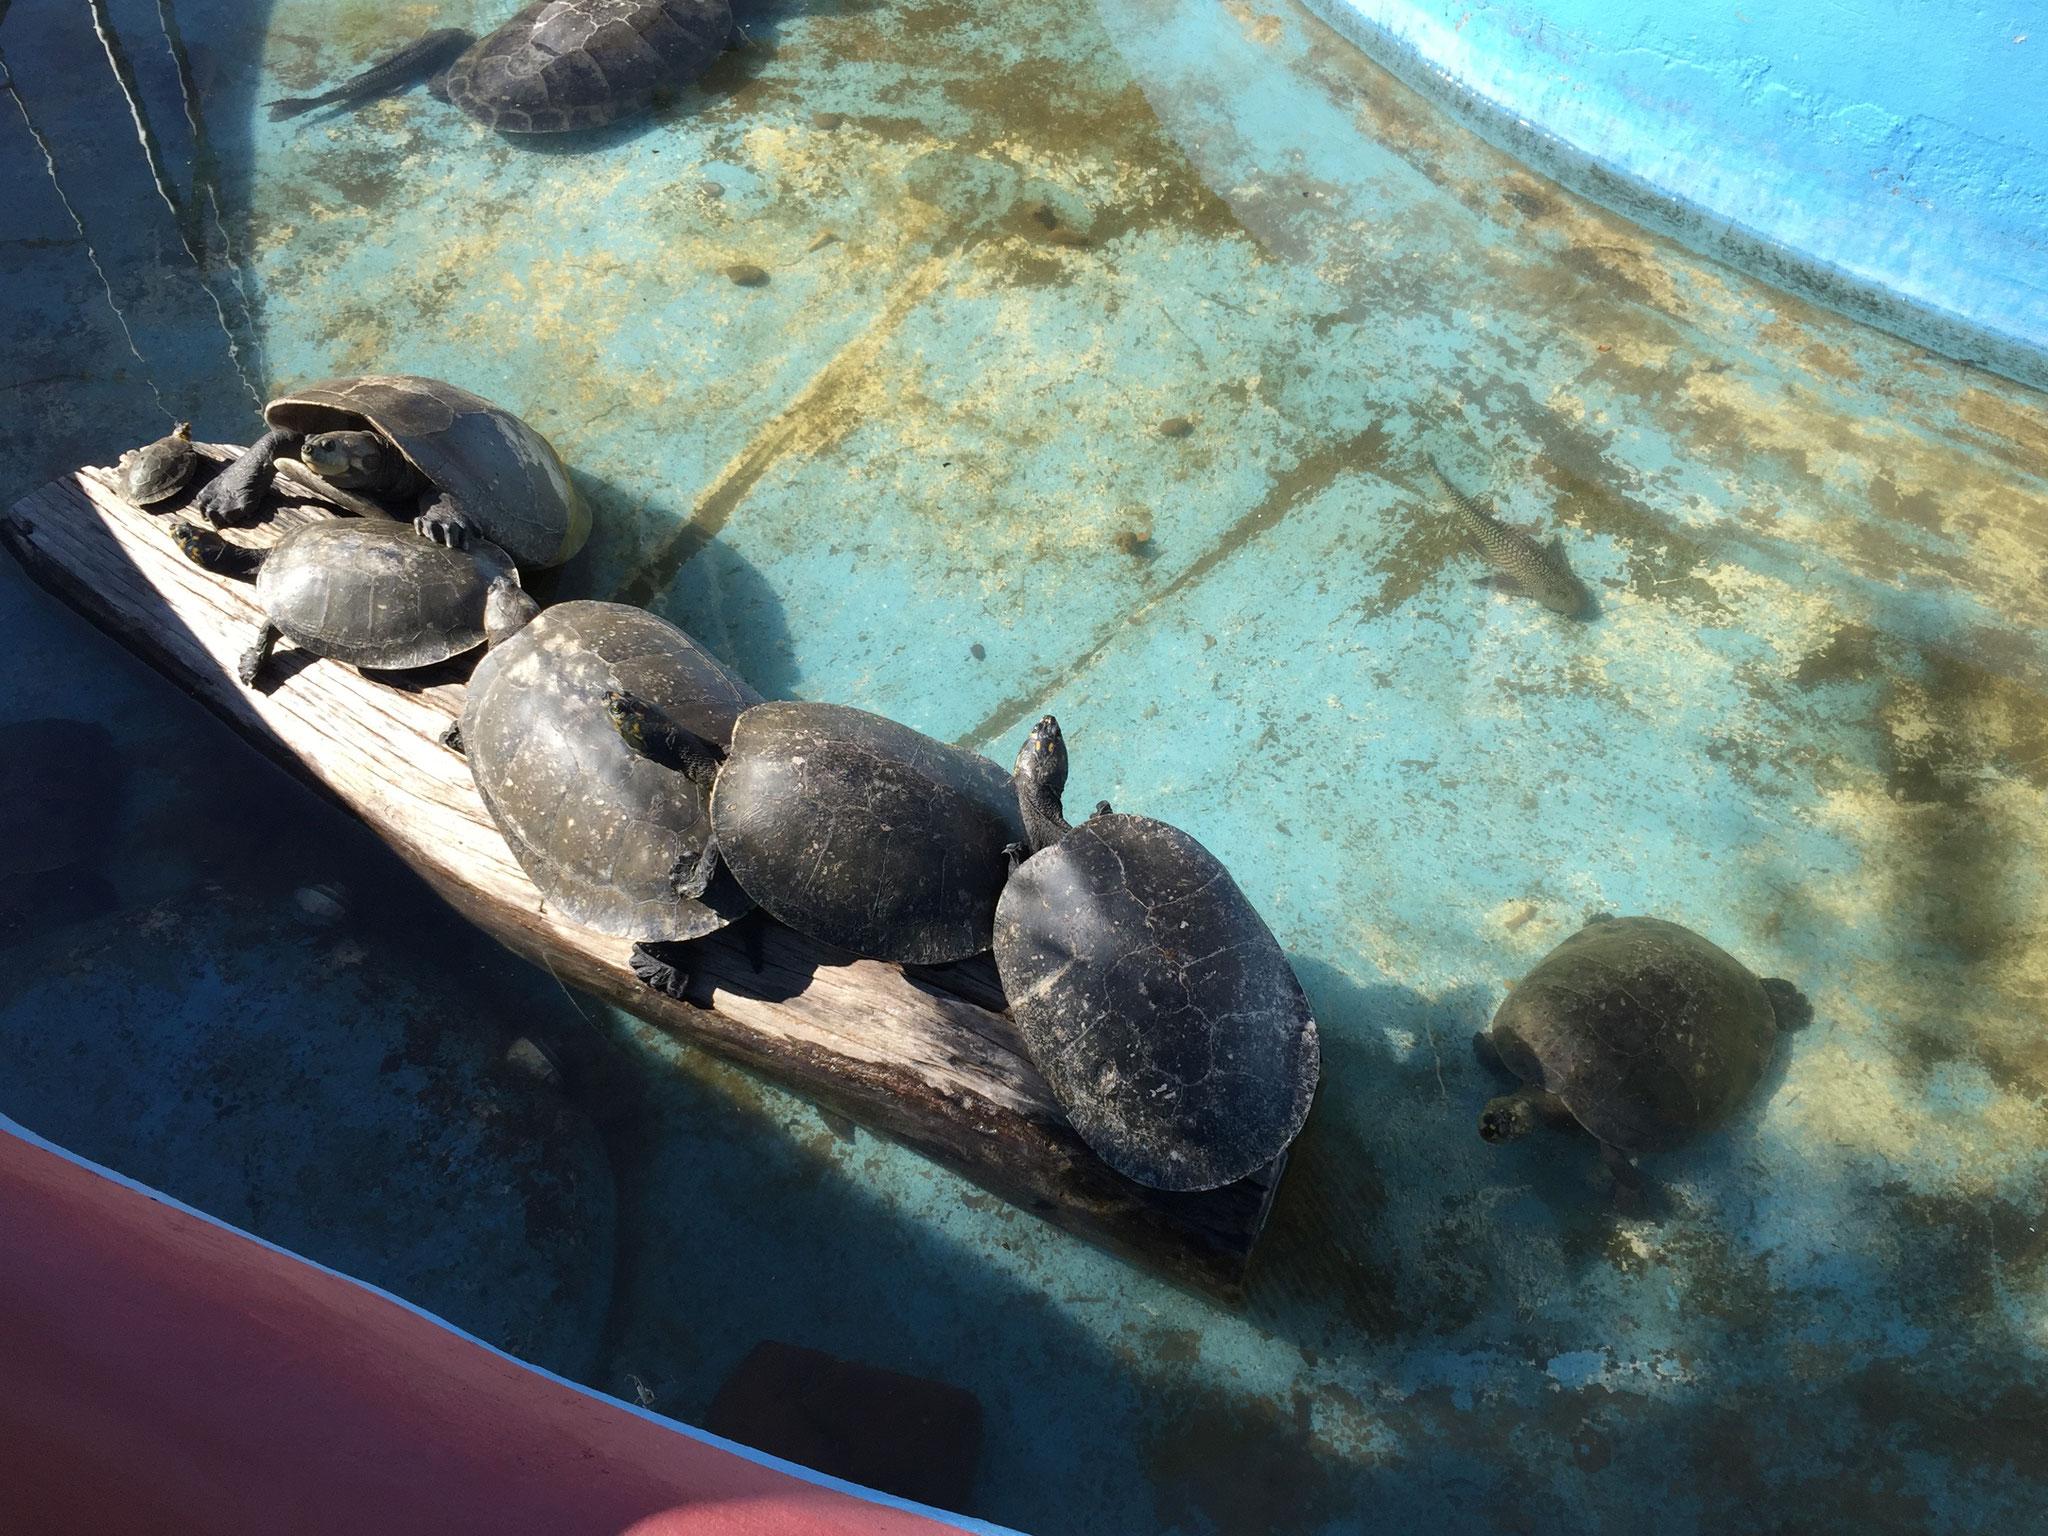 Hotel El Mirador, mit ihren Schildkröten....